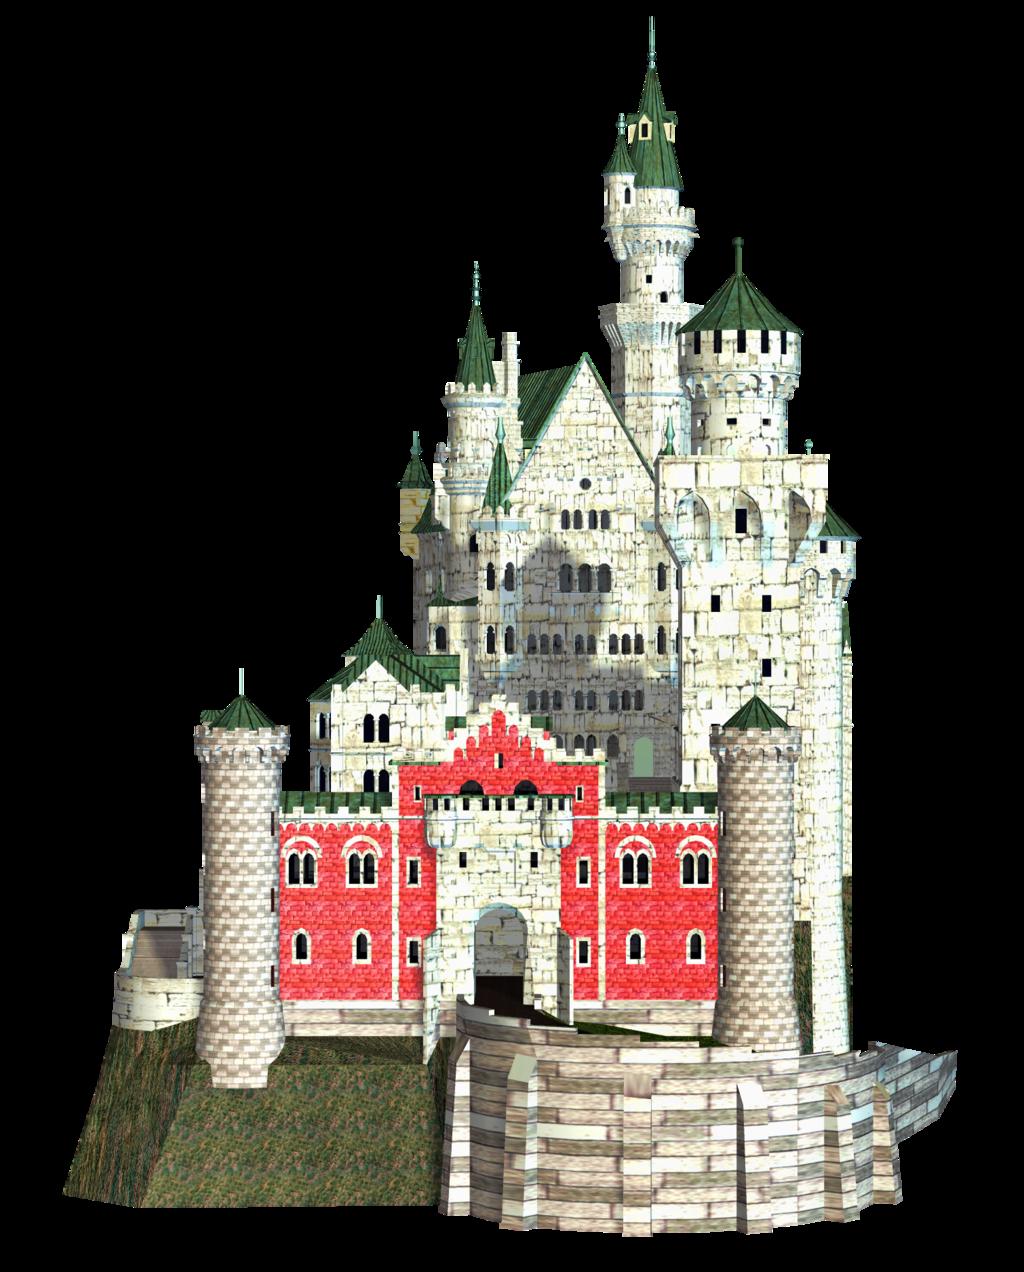 Palace clipart fantasy castle. Download transparent image hq